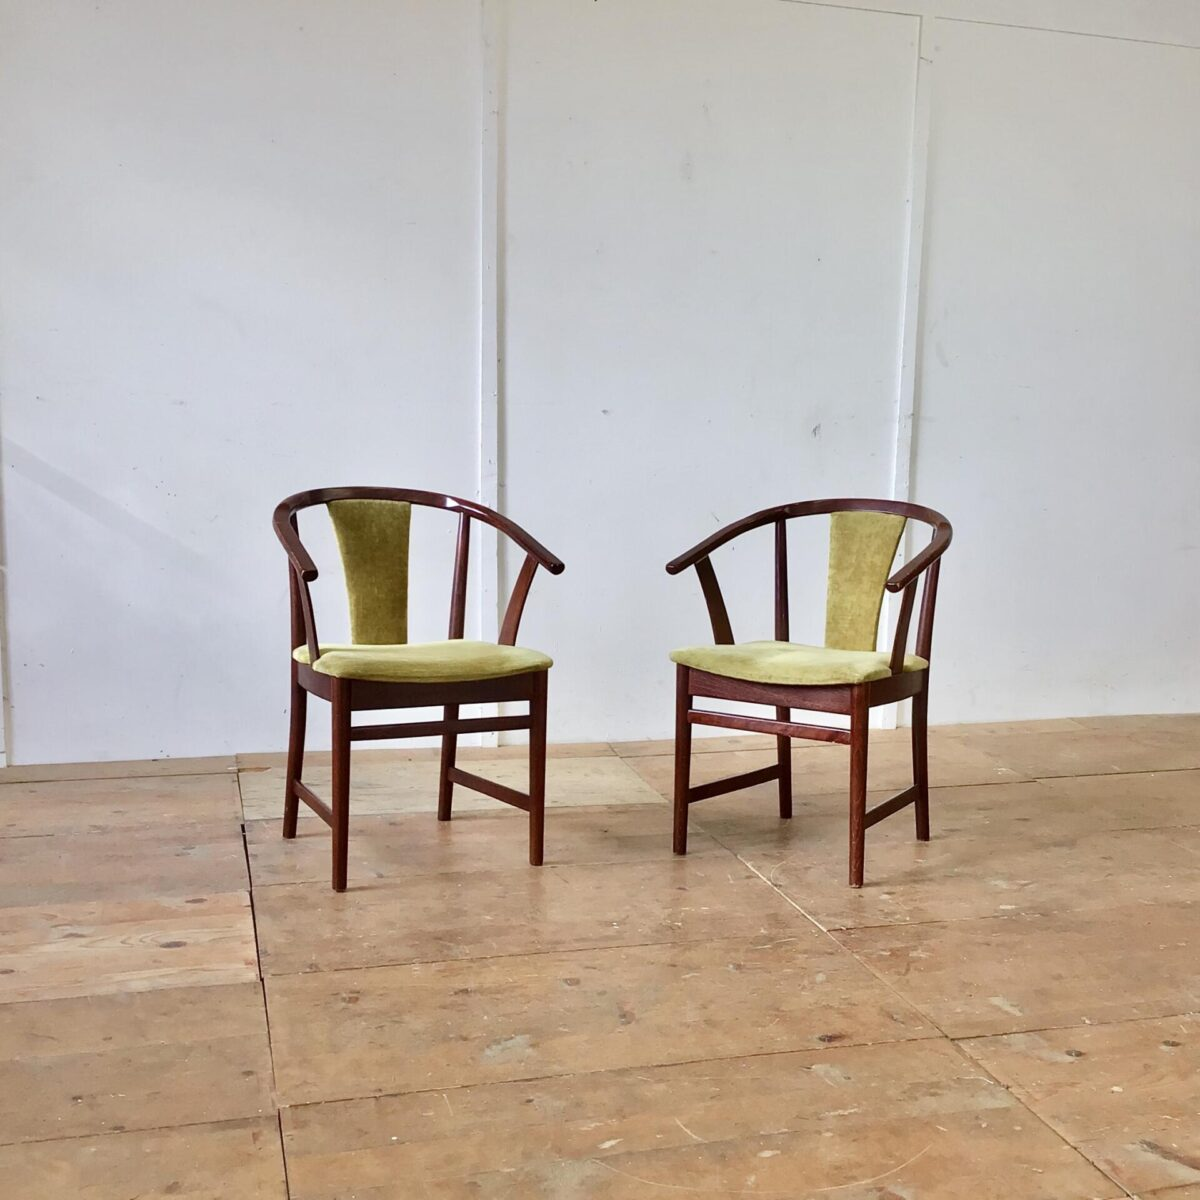 Zwei Esszimmer Stühle mit Armlehnen. Grün-gelber Samt artiger Stoff mit Polsternägel beim Rücken.